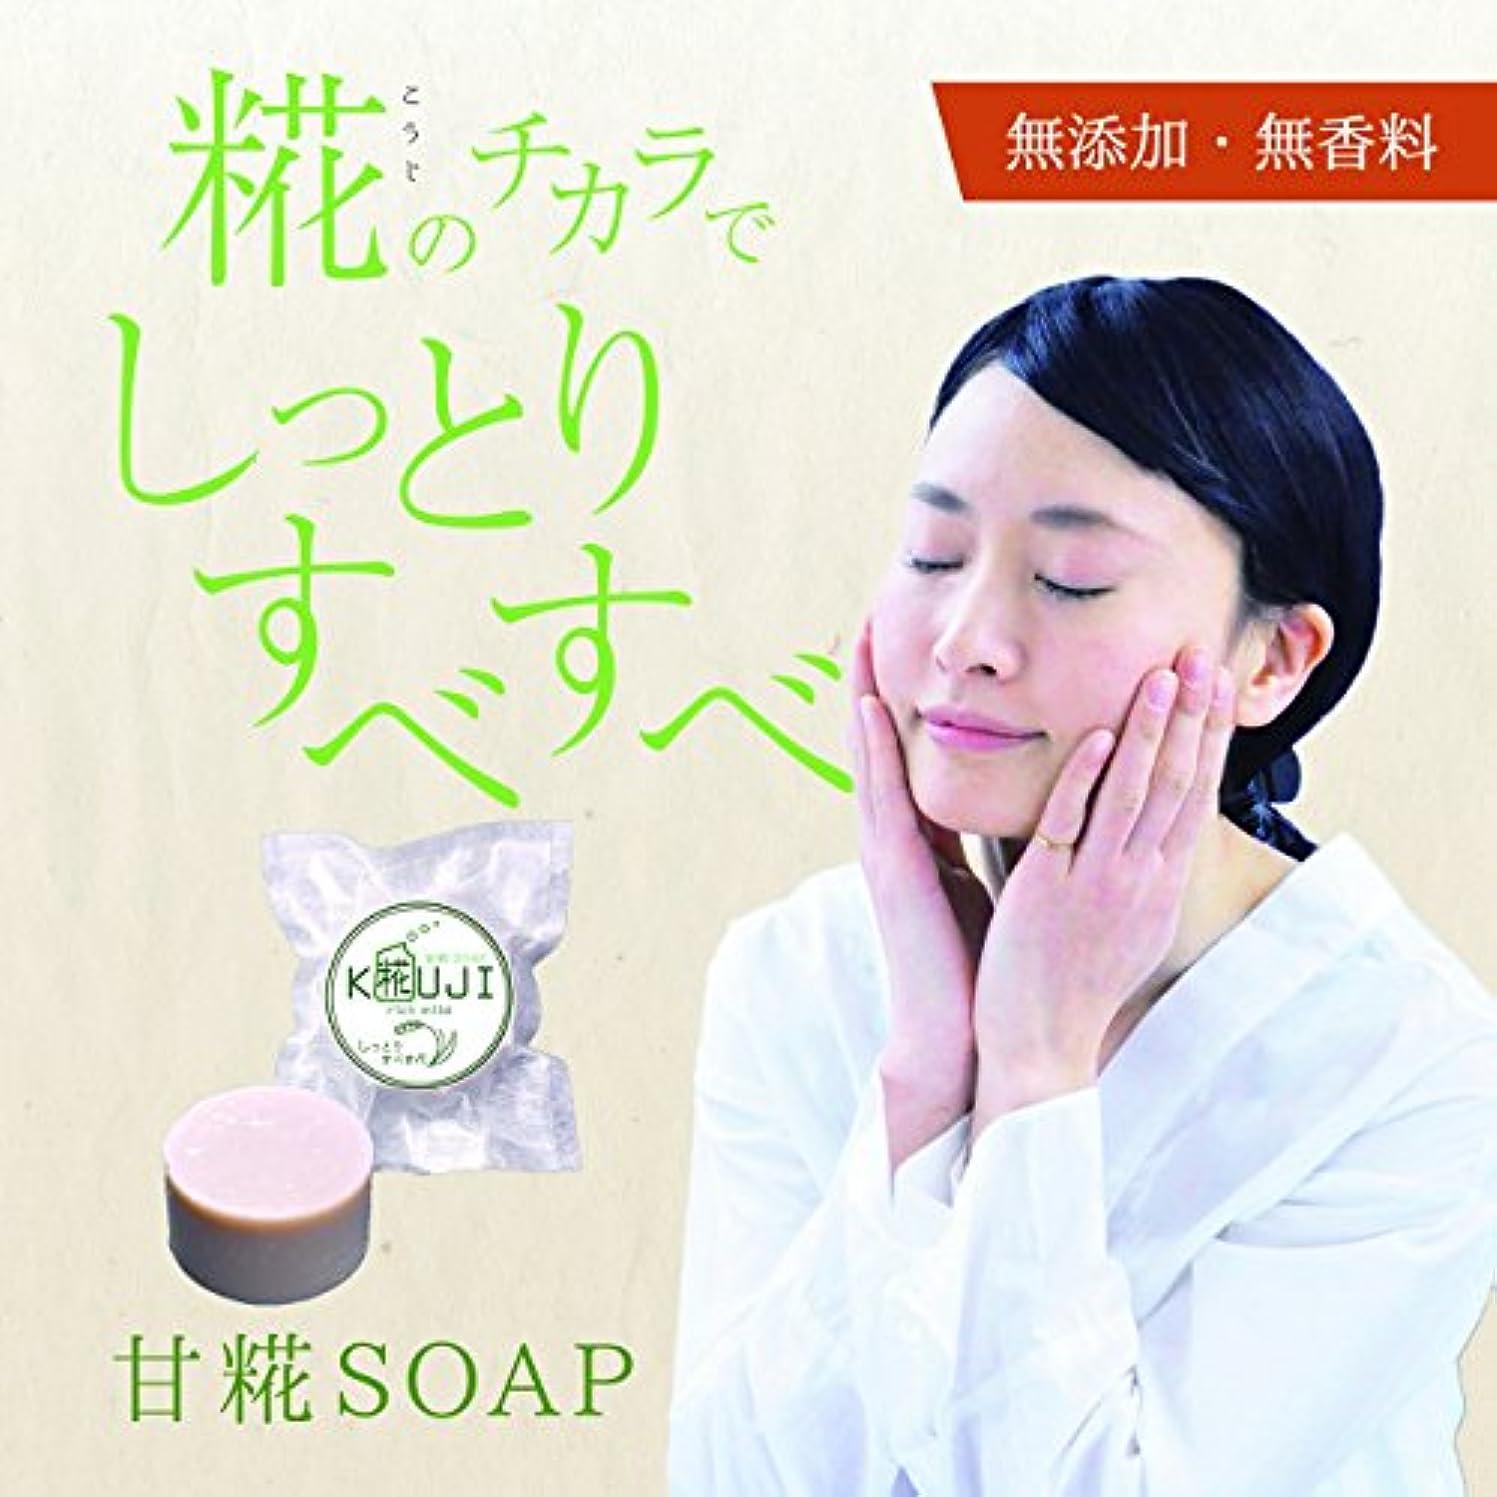 タヒチシェルター円周甘糀SOAP(リッチマイルド)